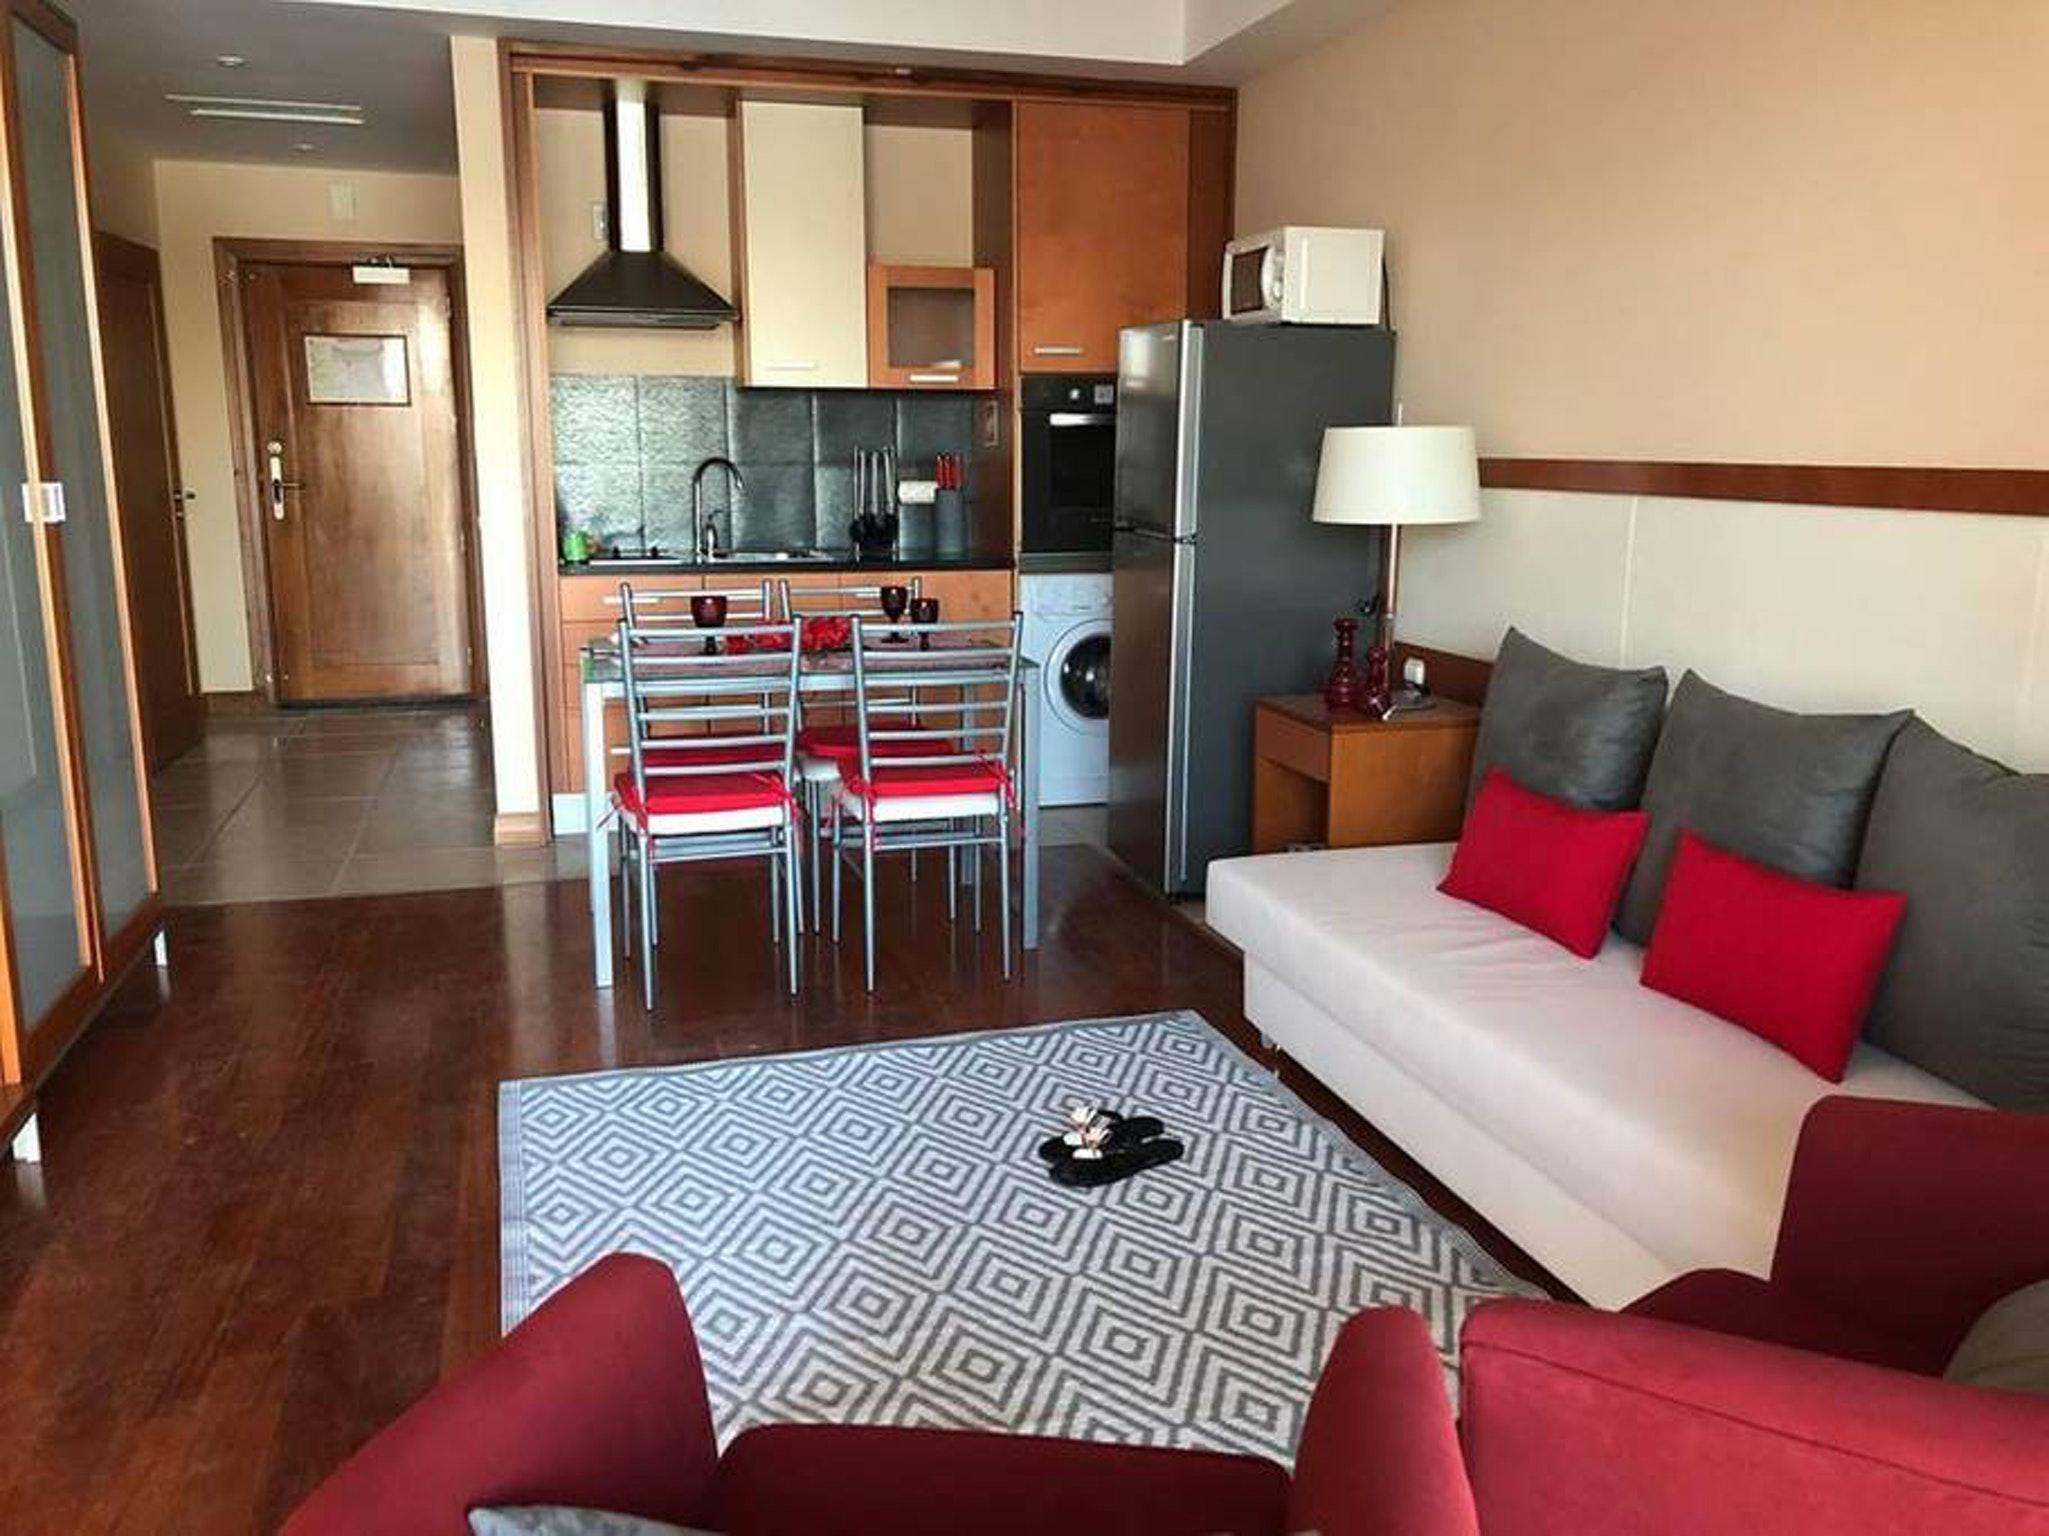 Ferienwohnung Wohnung mit einem Schlafzimmer in Estômbar mit bezauberndem Seeblick, Pool, eingezäuntem G (2623795), Estombar, , Algarve, Portugal, Bild 9